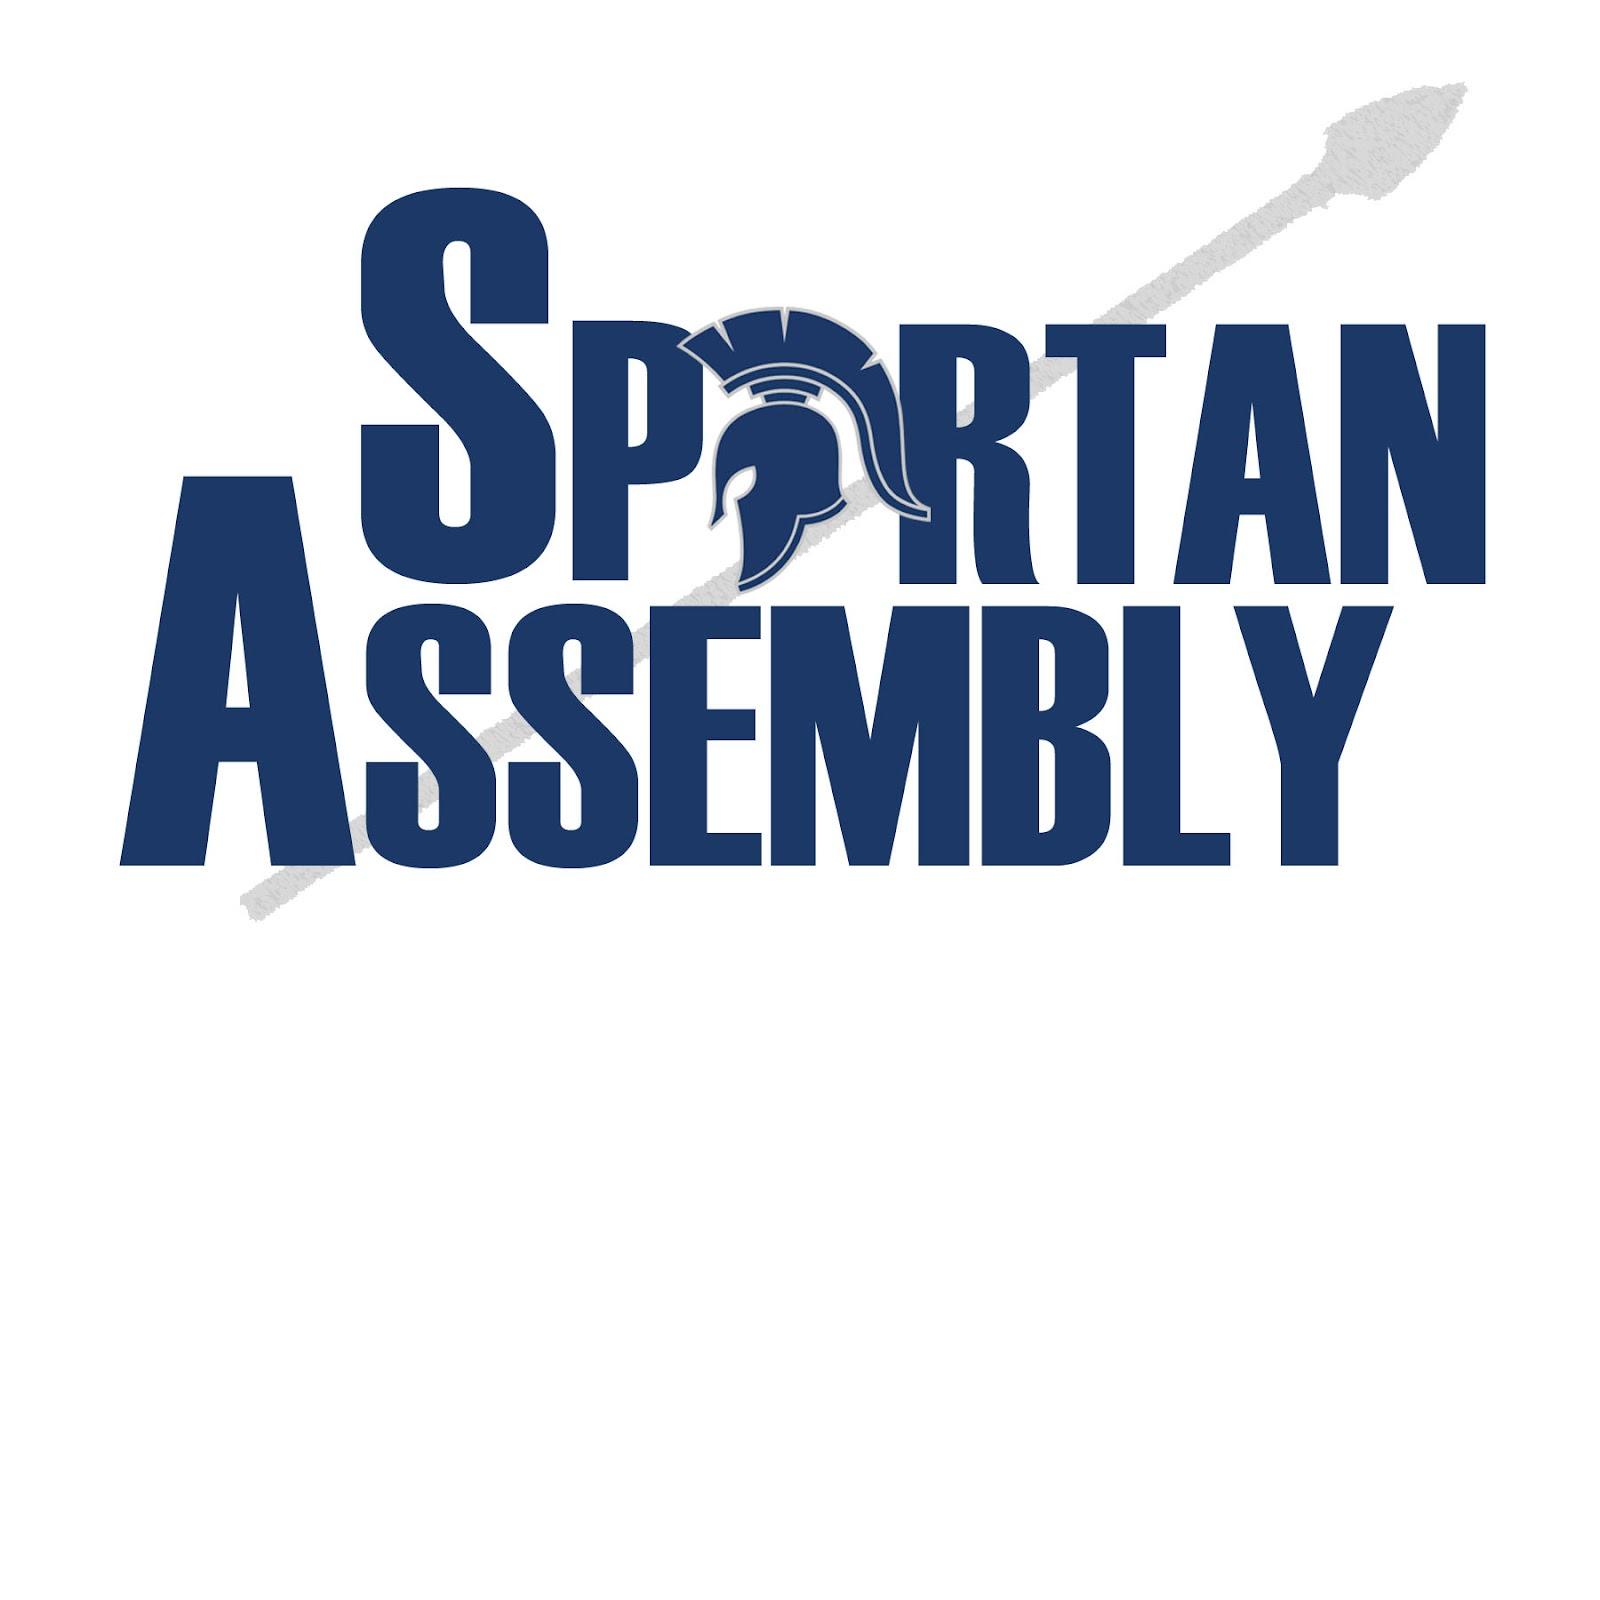 SPARTANASSEMBLY logo.jpg